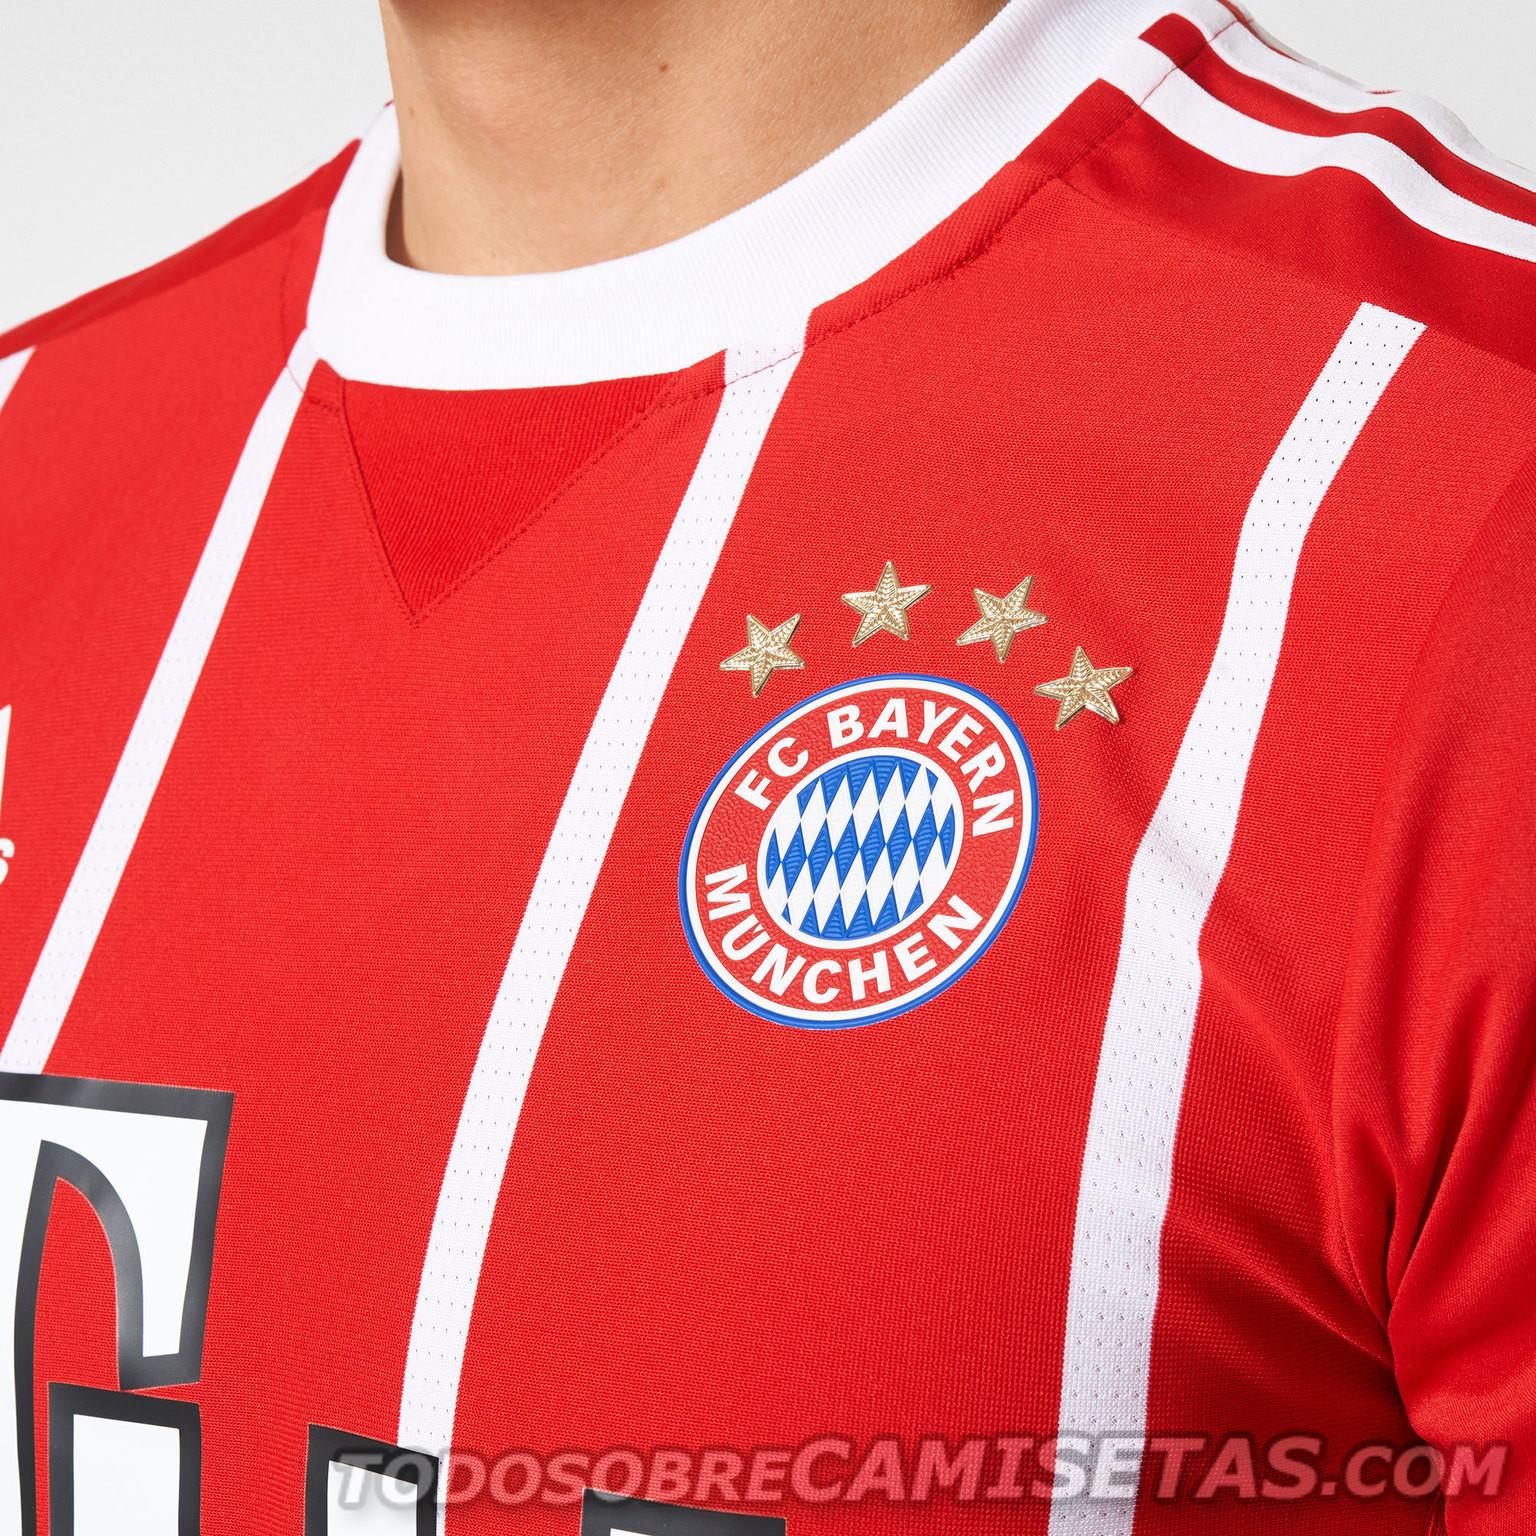 Bayern-Munich-2017-18-adidas-new-home-kit-4.jpg